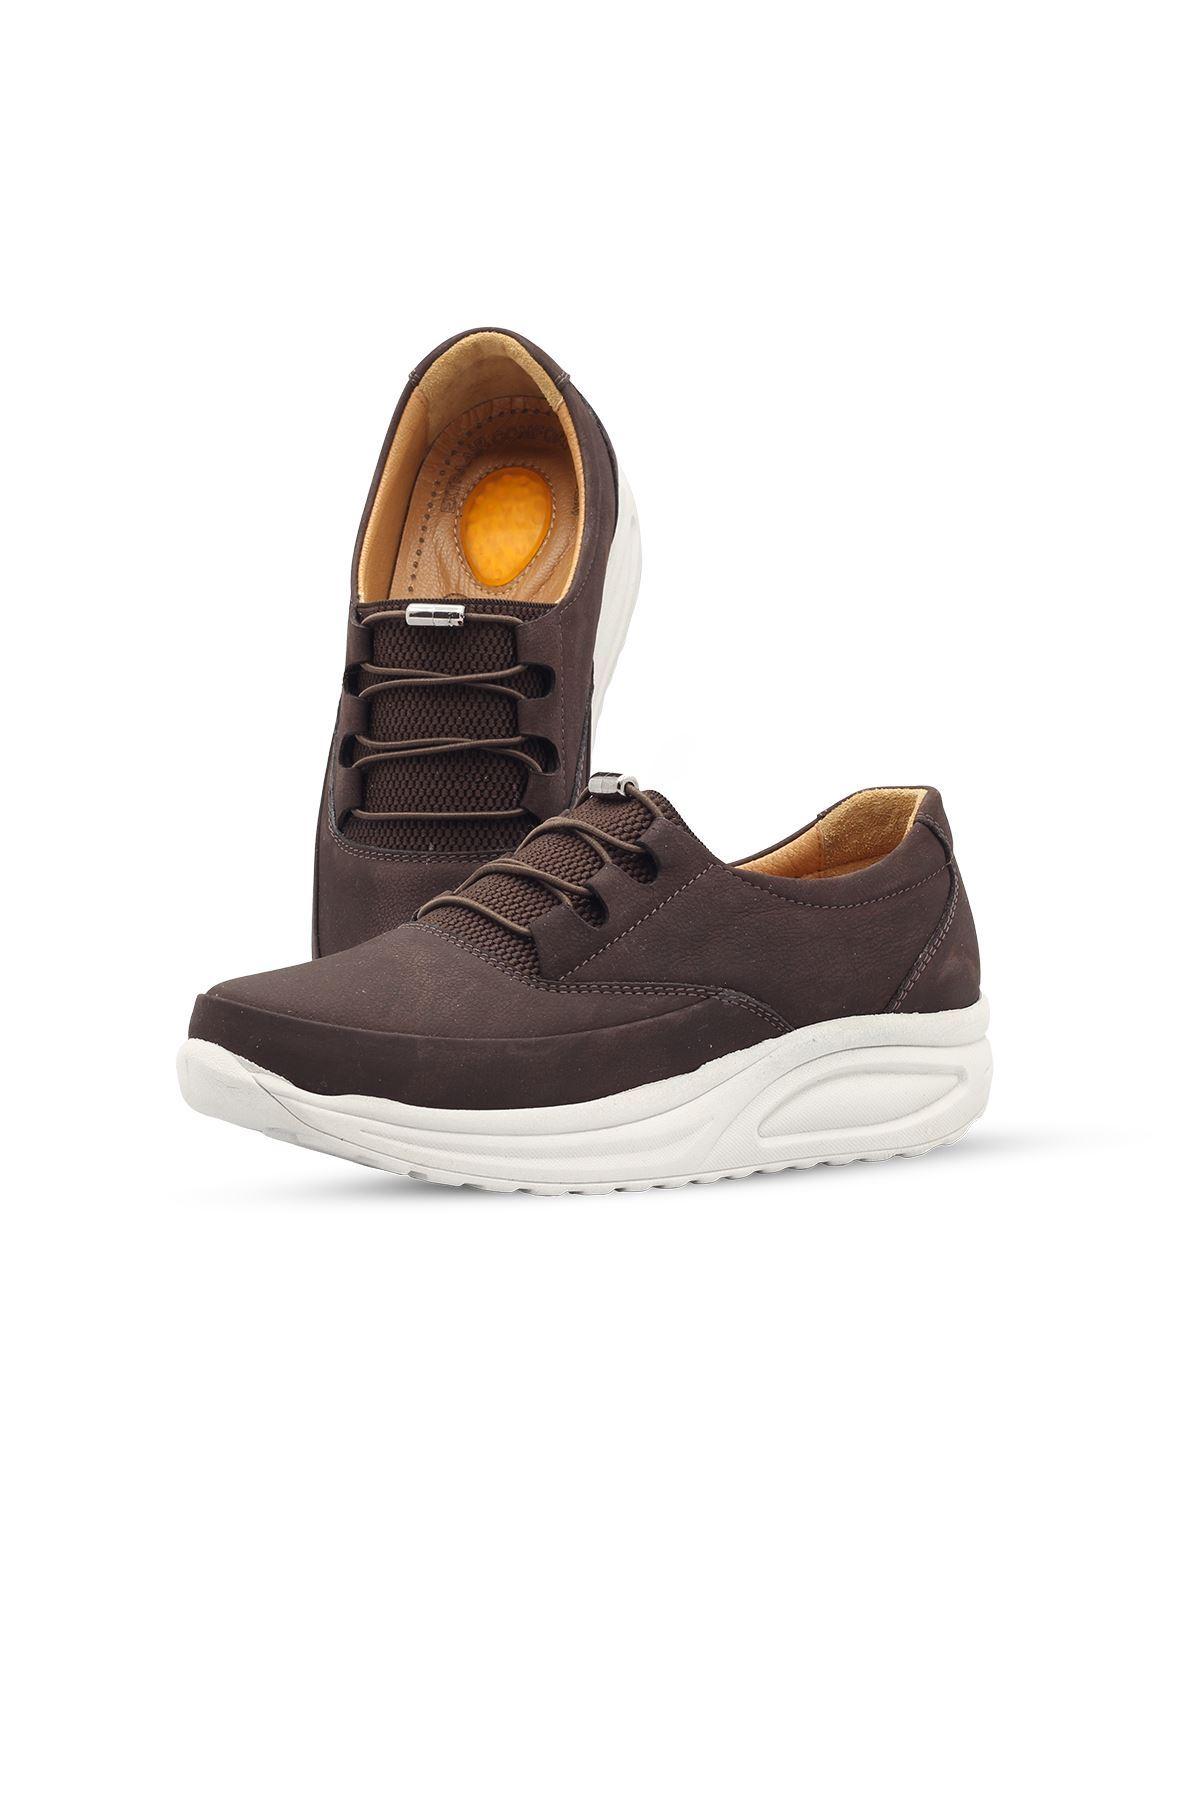 855 Nubuk Kahve Kadın Yürüyüş Ayakkabısı